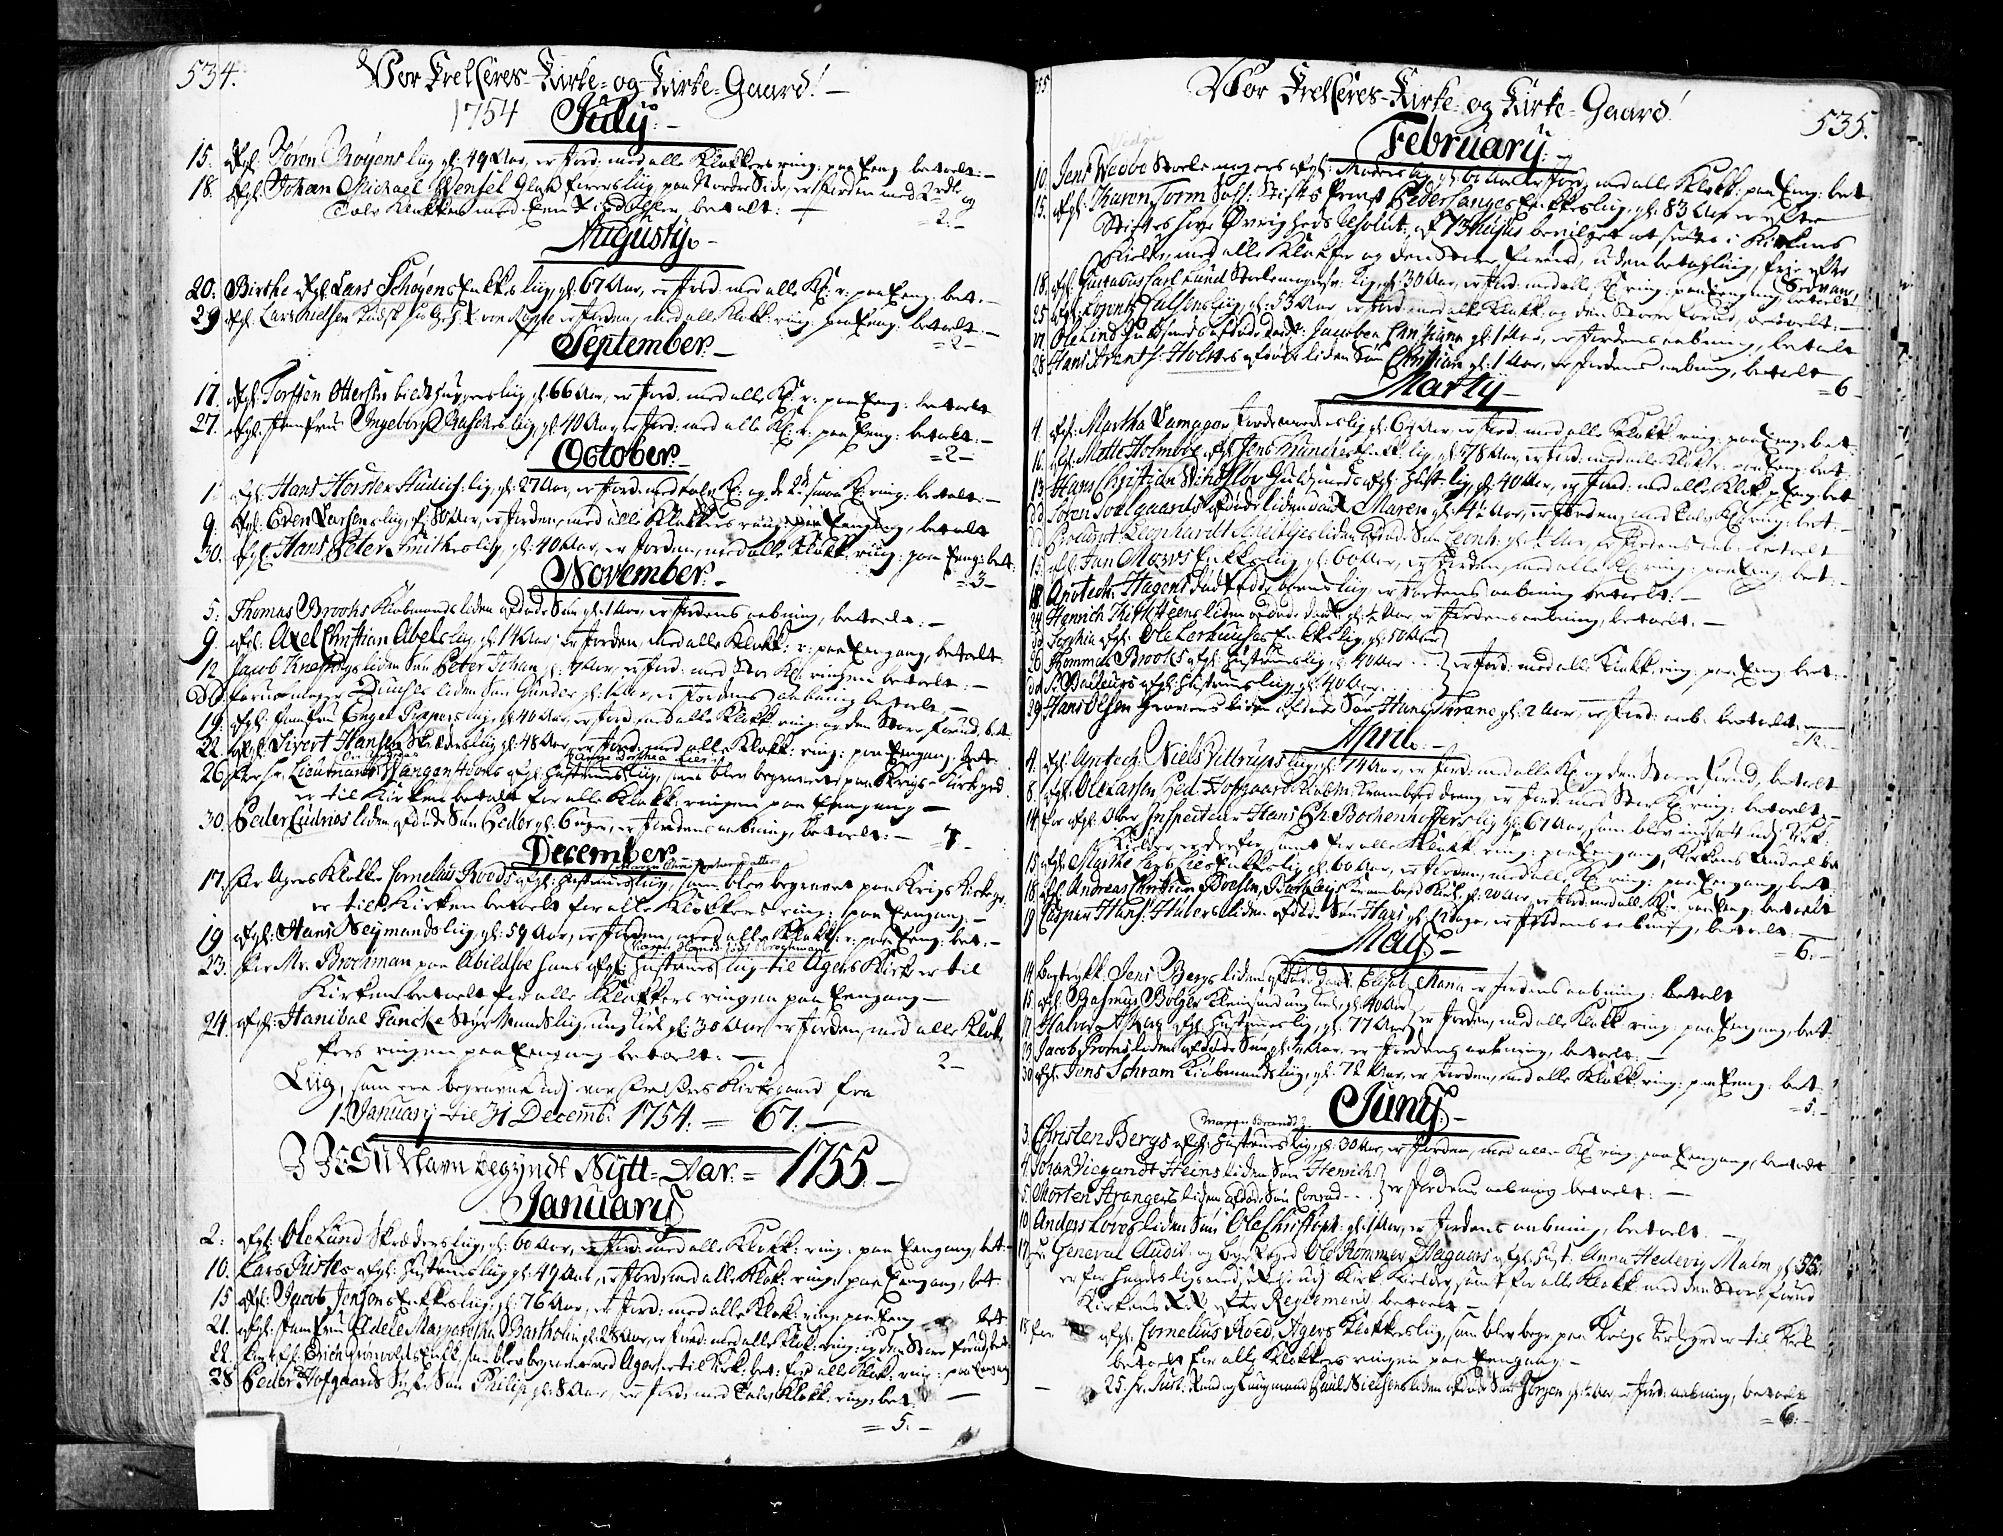 SAO, Oslo domkirke Kirkebøker, F/Fa/L0004: Ministerialbok nr. 4, 1743-1786, s. 534-535